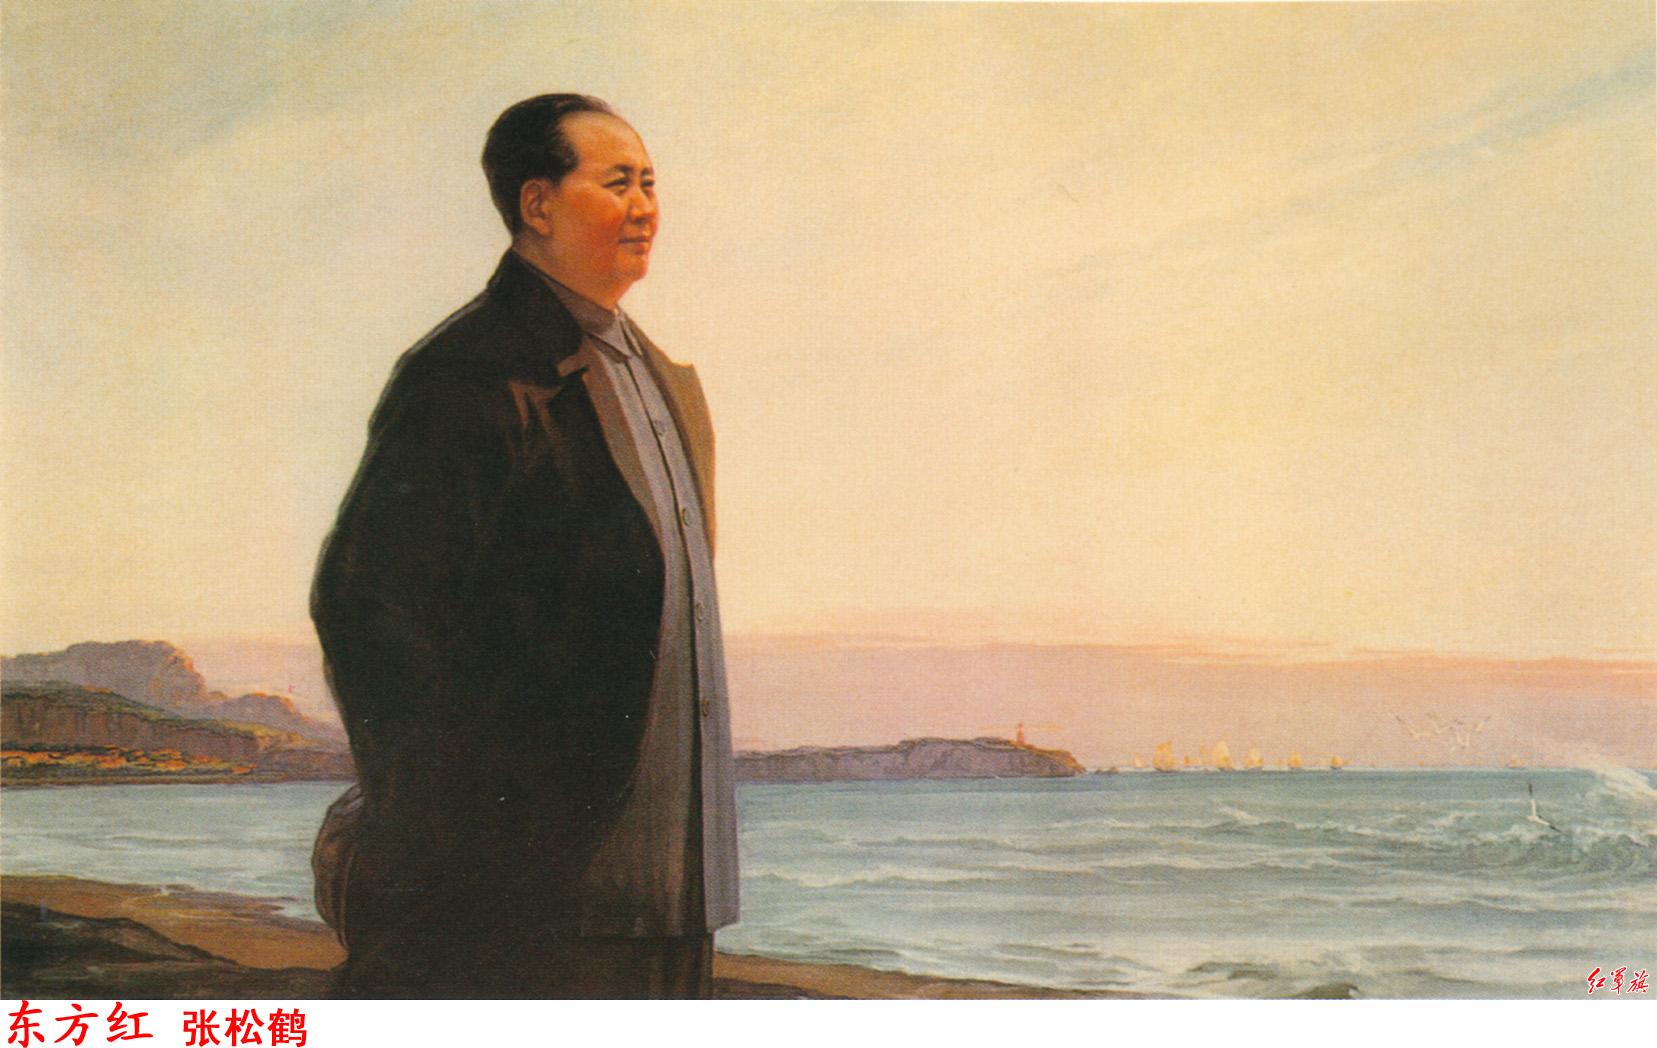 2013年05月15日 - 胡峰(国峰) - 剑指五洲,笔扫千军,气贯长虹,音绕乾坤